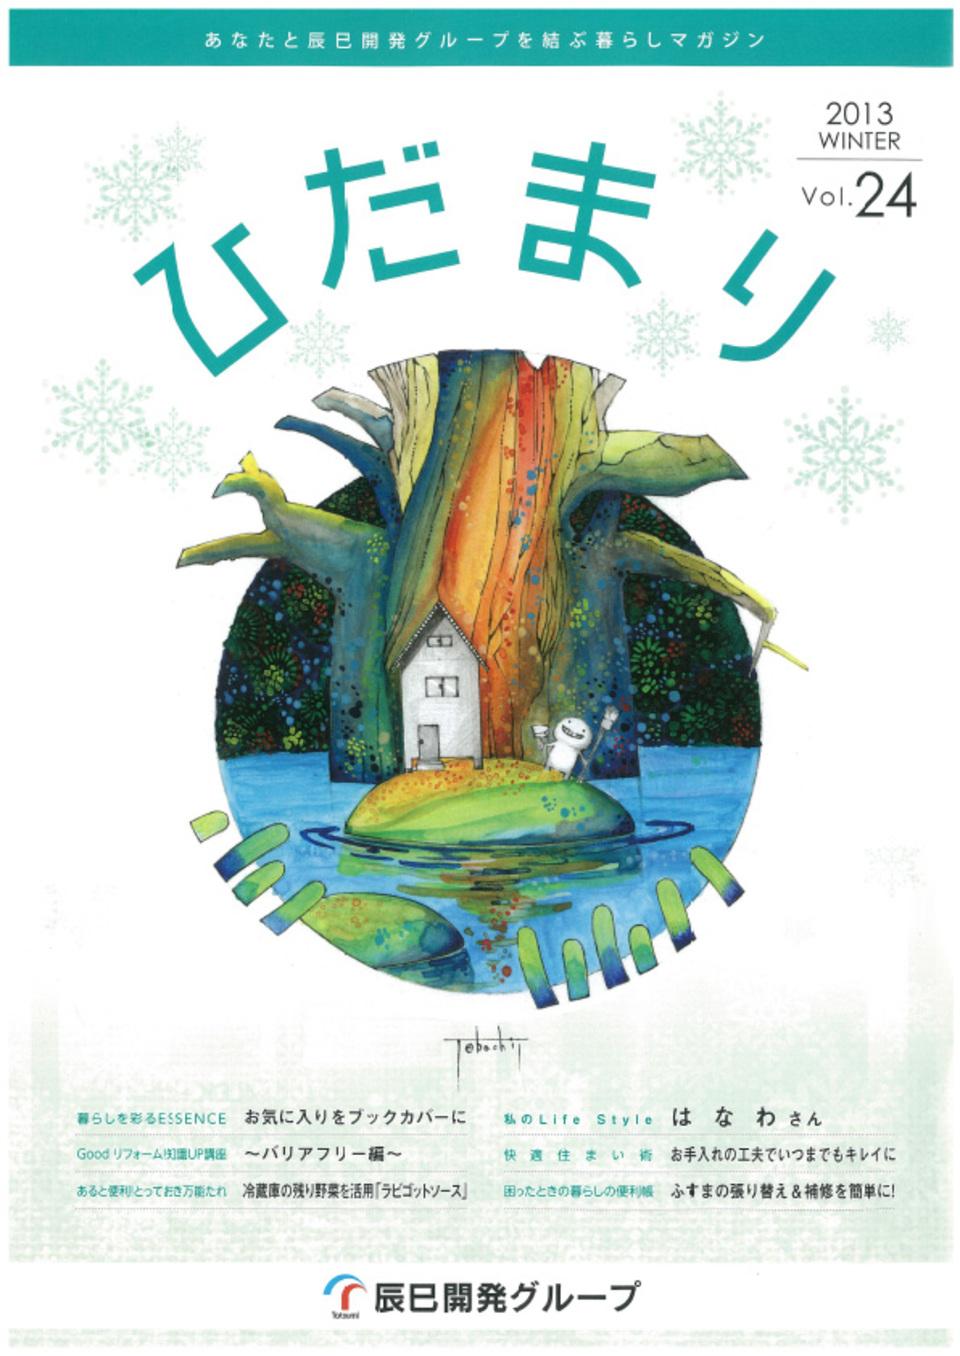 ひだまり 2013 Winter vol.24